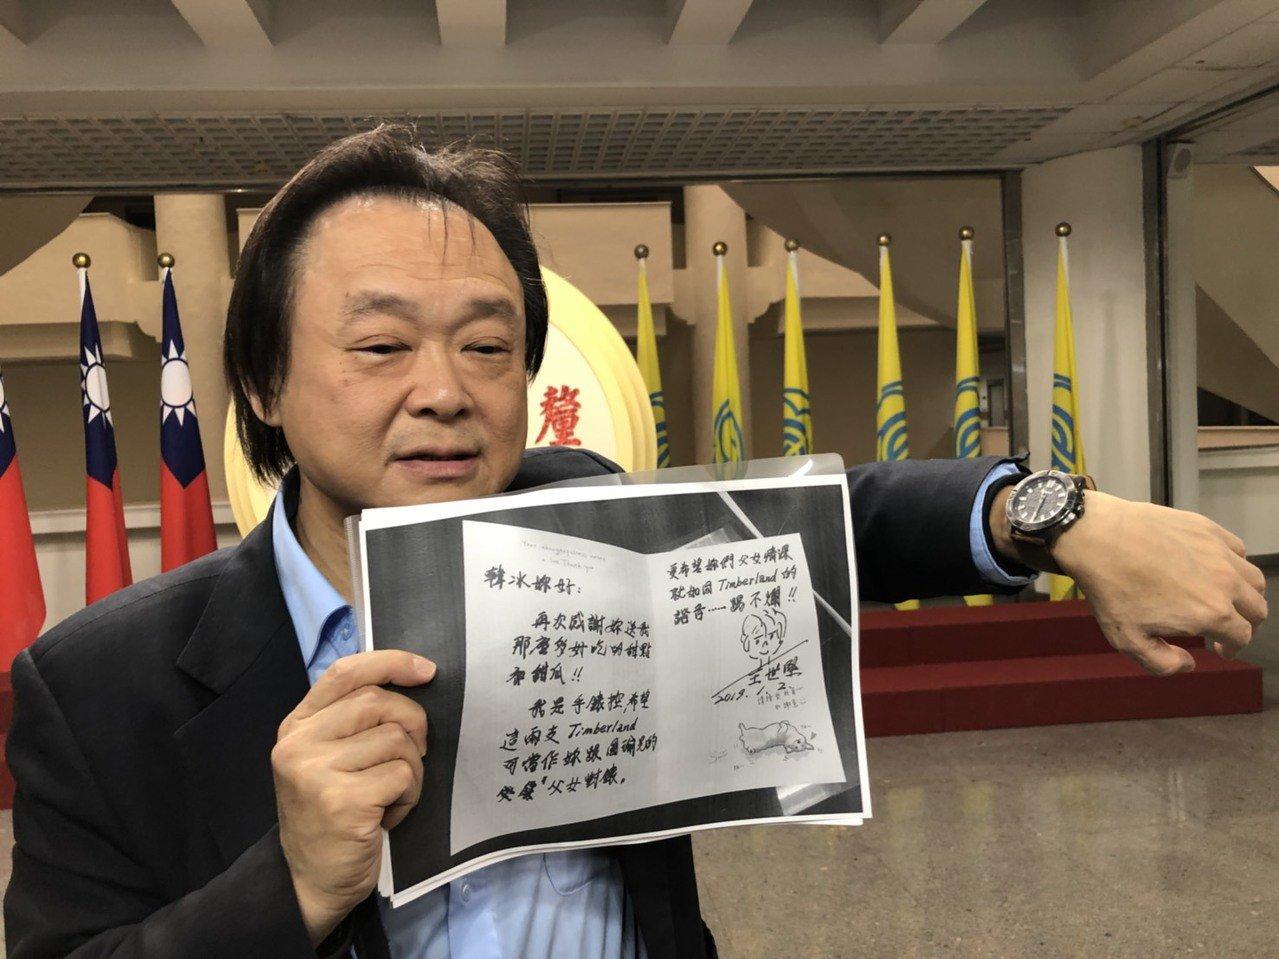 台北市議員王世堅昨說,贈表是「禮尚往來」。記者邱瓊玉/攝影